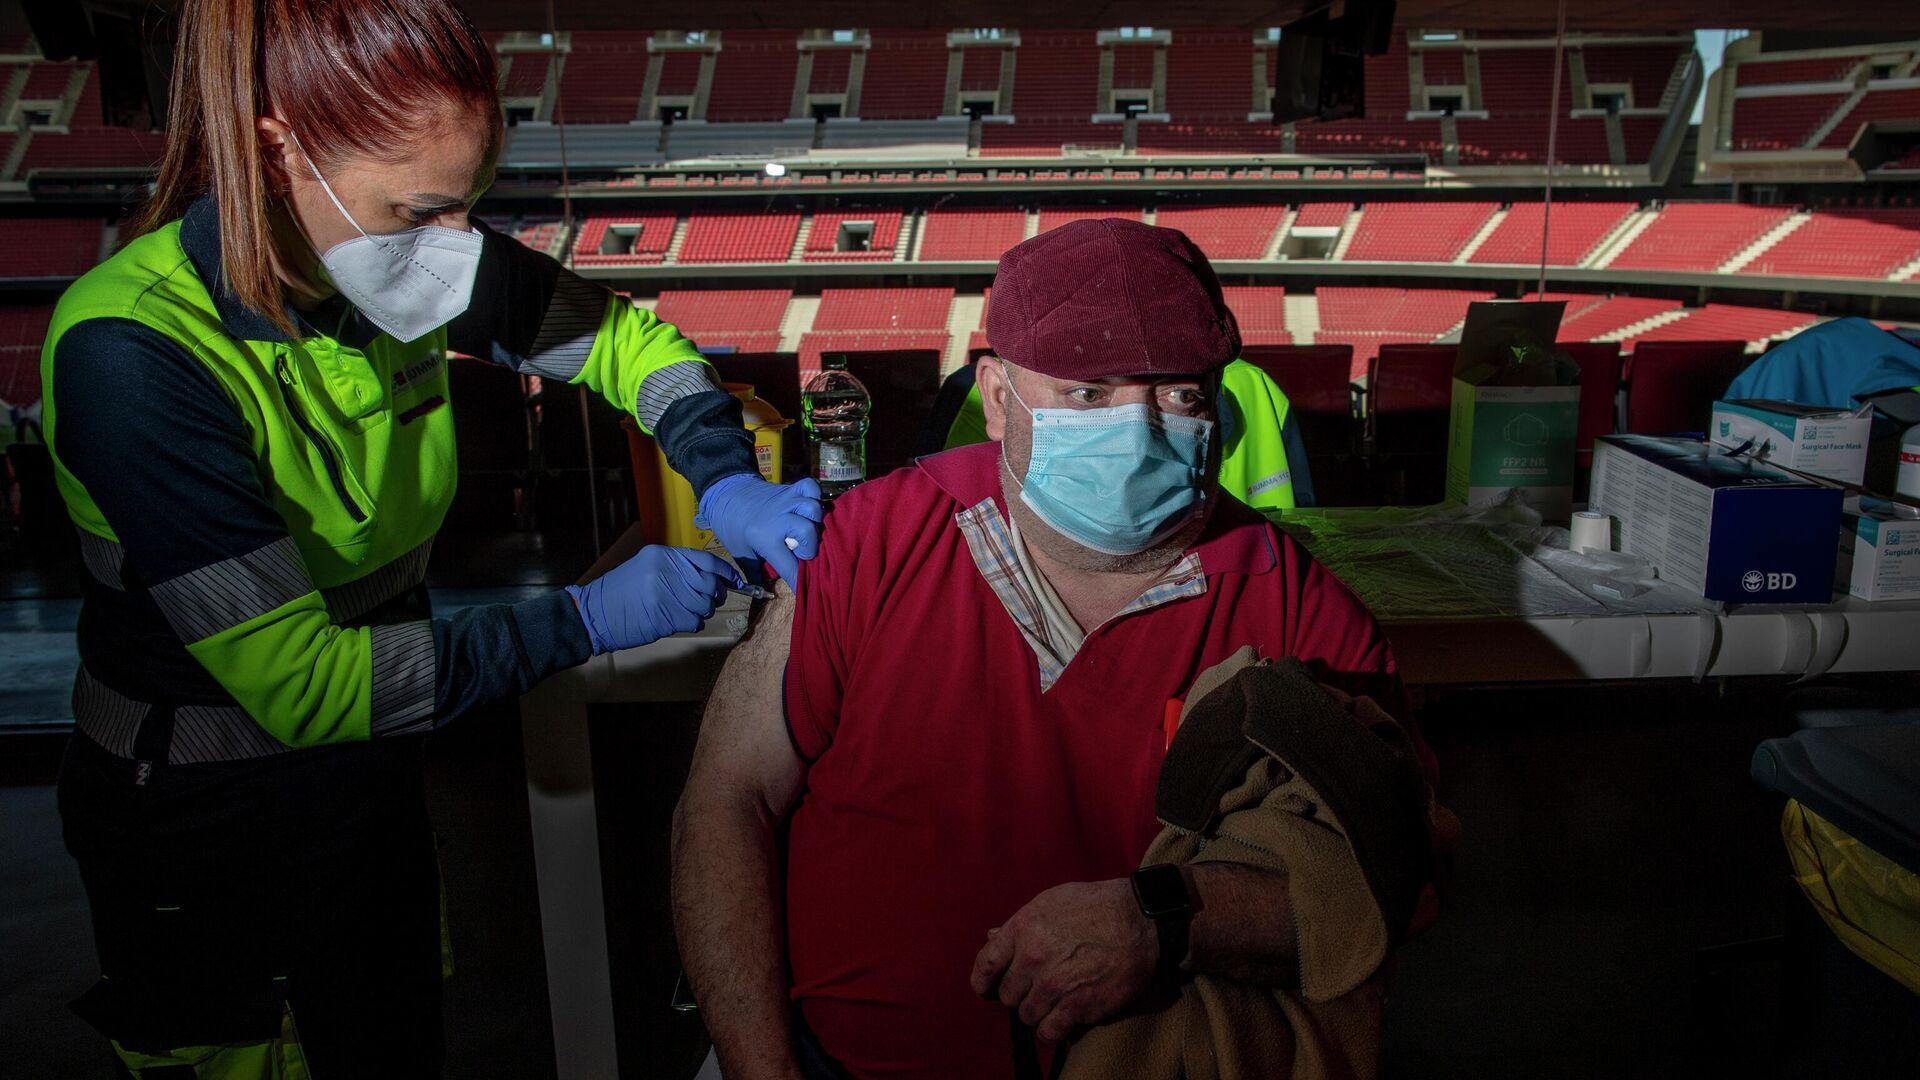 Un hombre es vacunado en el estadio Wanda Metropolitano de Madrid. - Sputnik Mundo, 1920, 05.04.2021